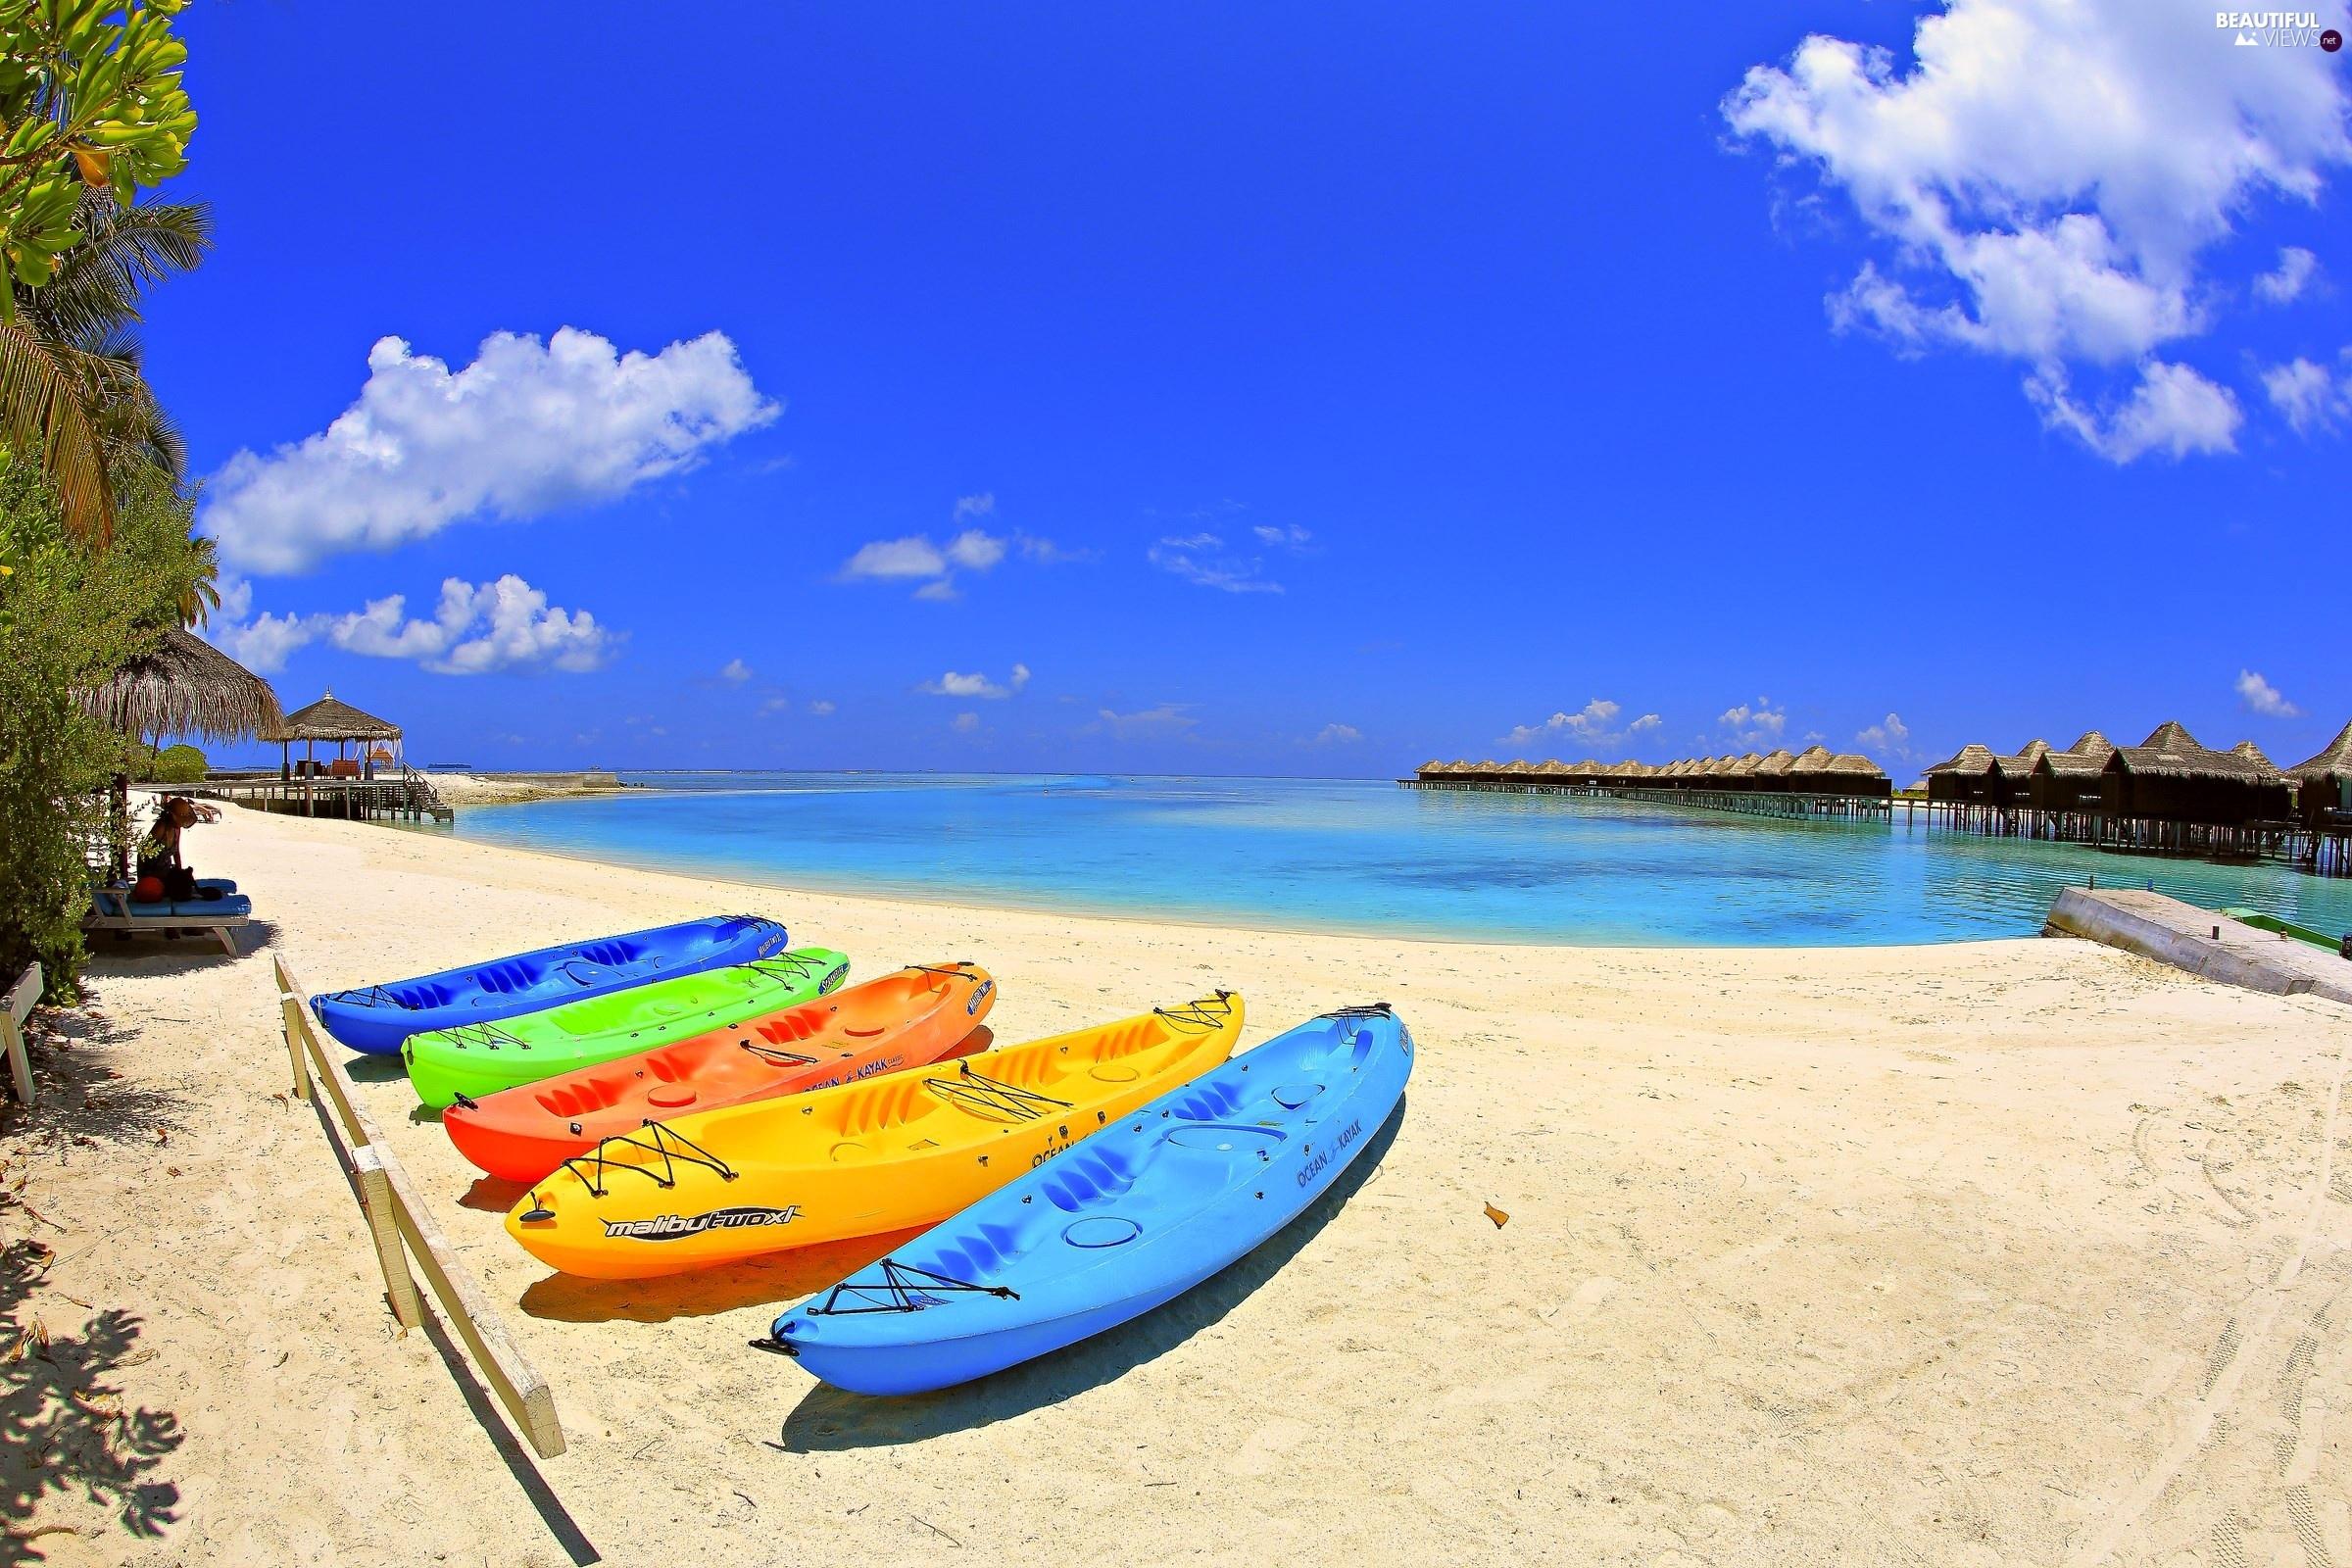 Think, Beautiful ocean views beaches think, that